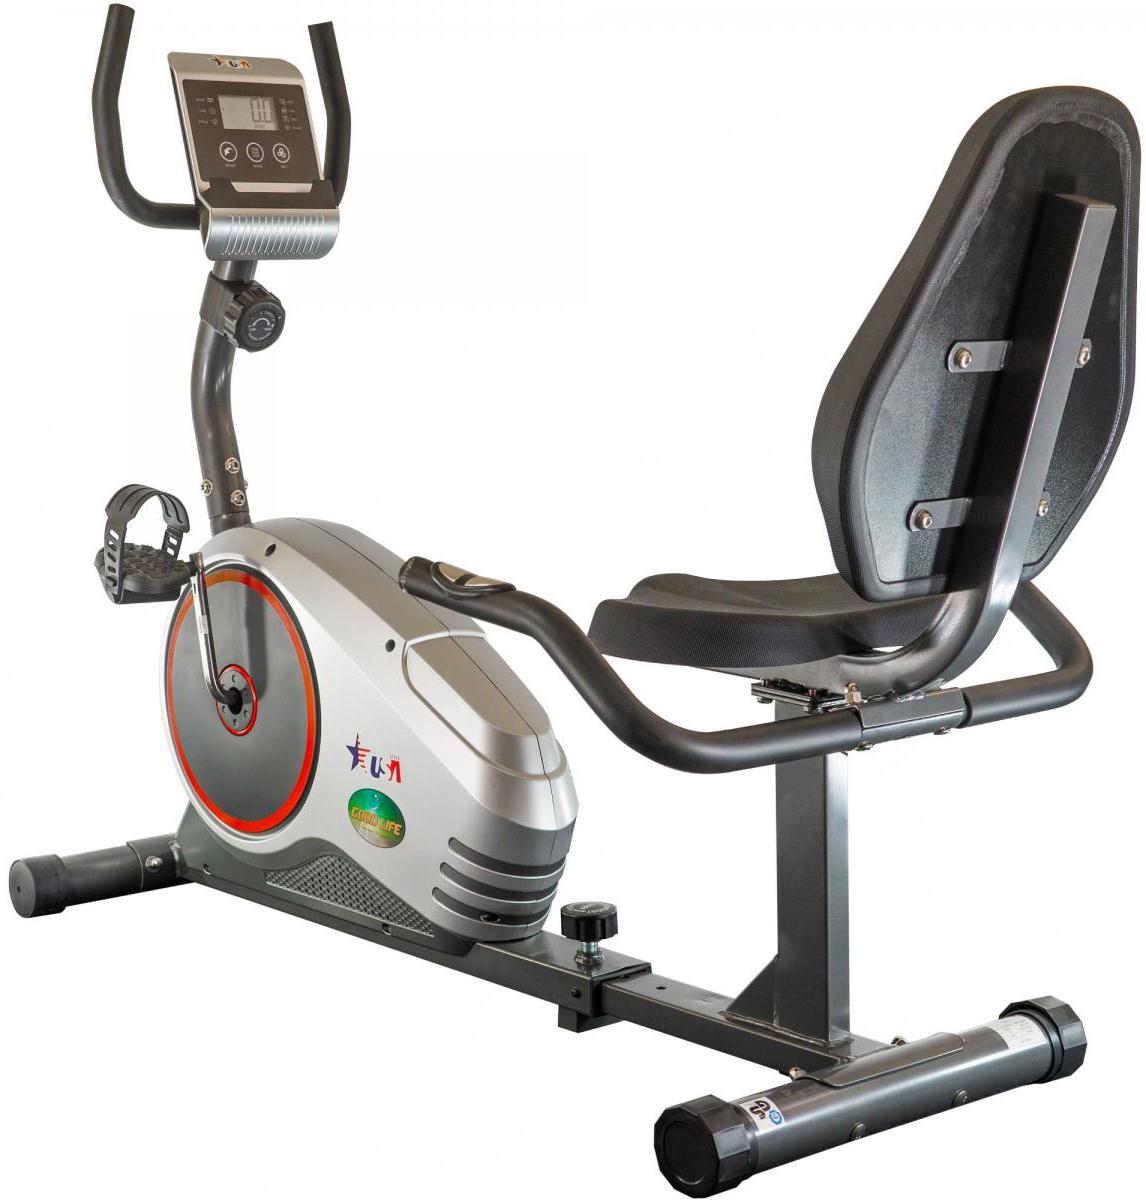 6 программ тренировок на велотренажере для разных целей: комплексы спортивных упражнений для начинающих мужчин и женщин, а также фитнес для профессионалов и кардиотренировка для сердца